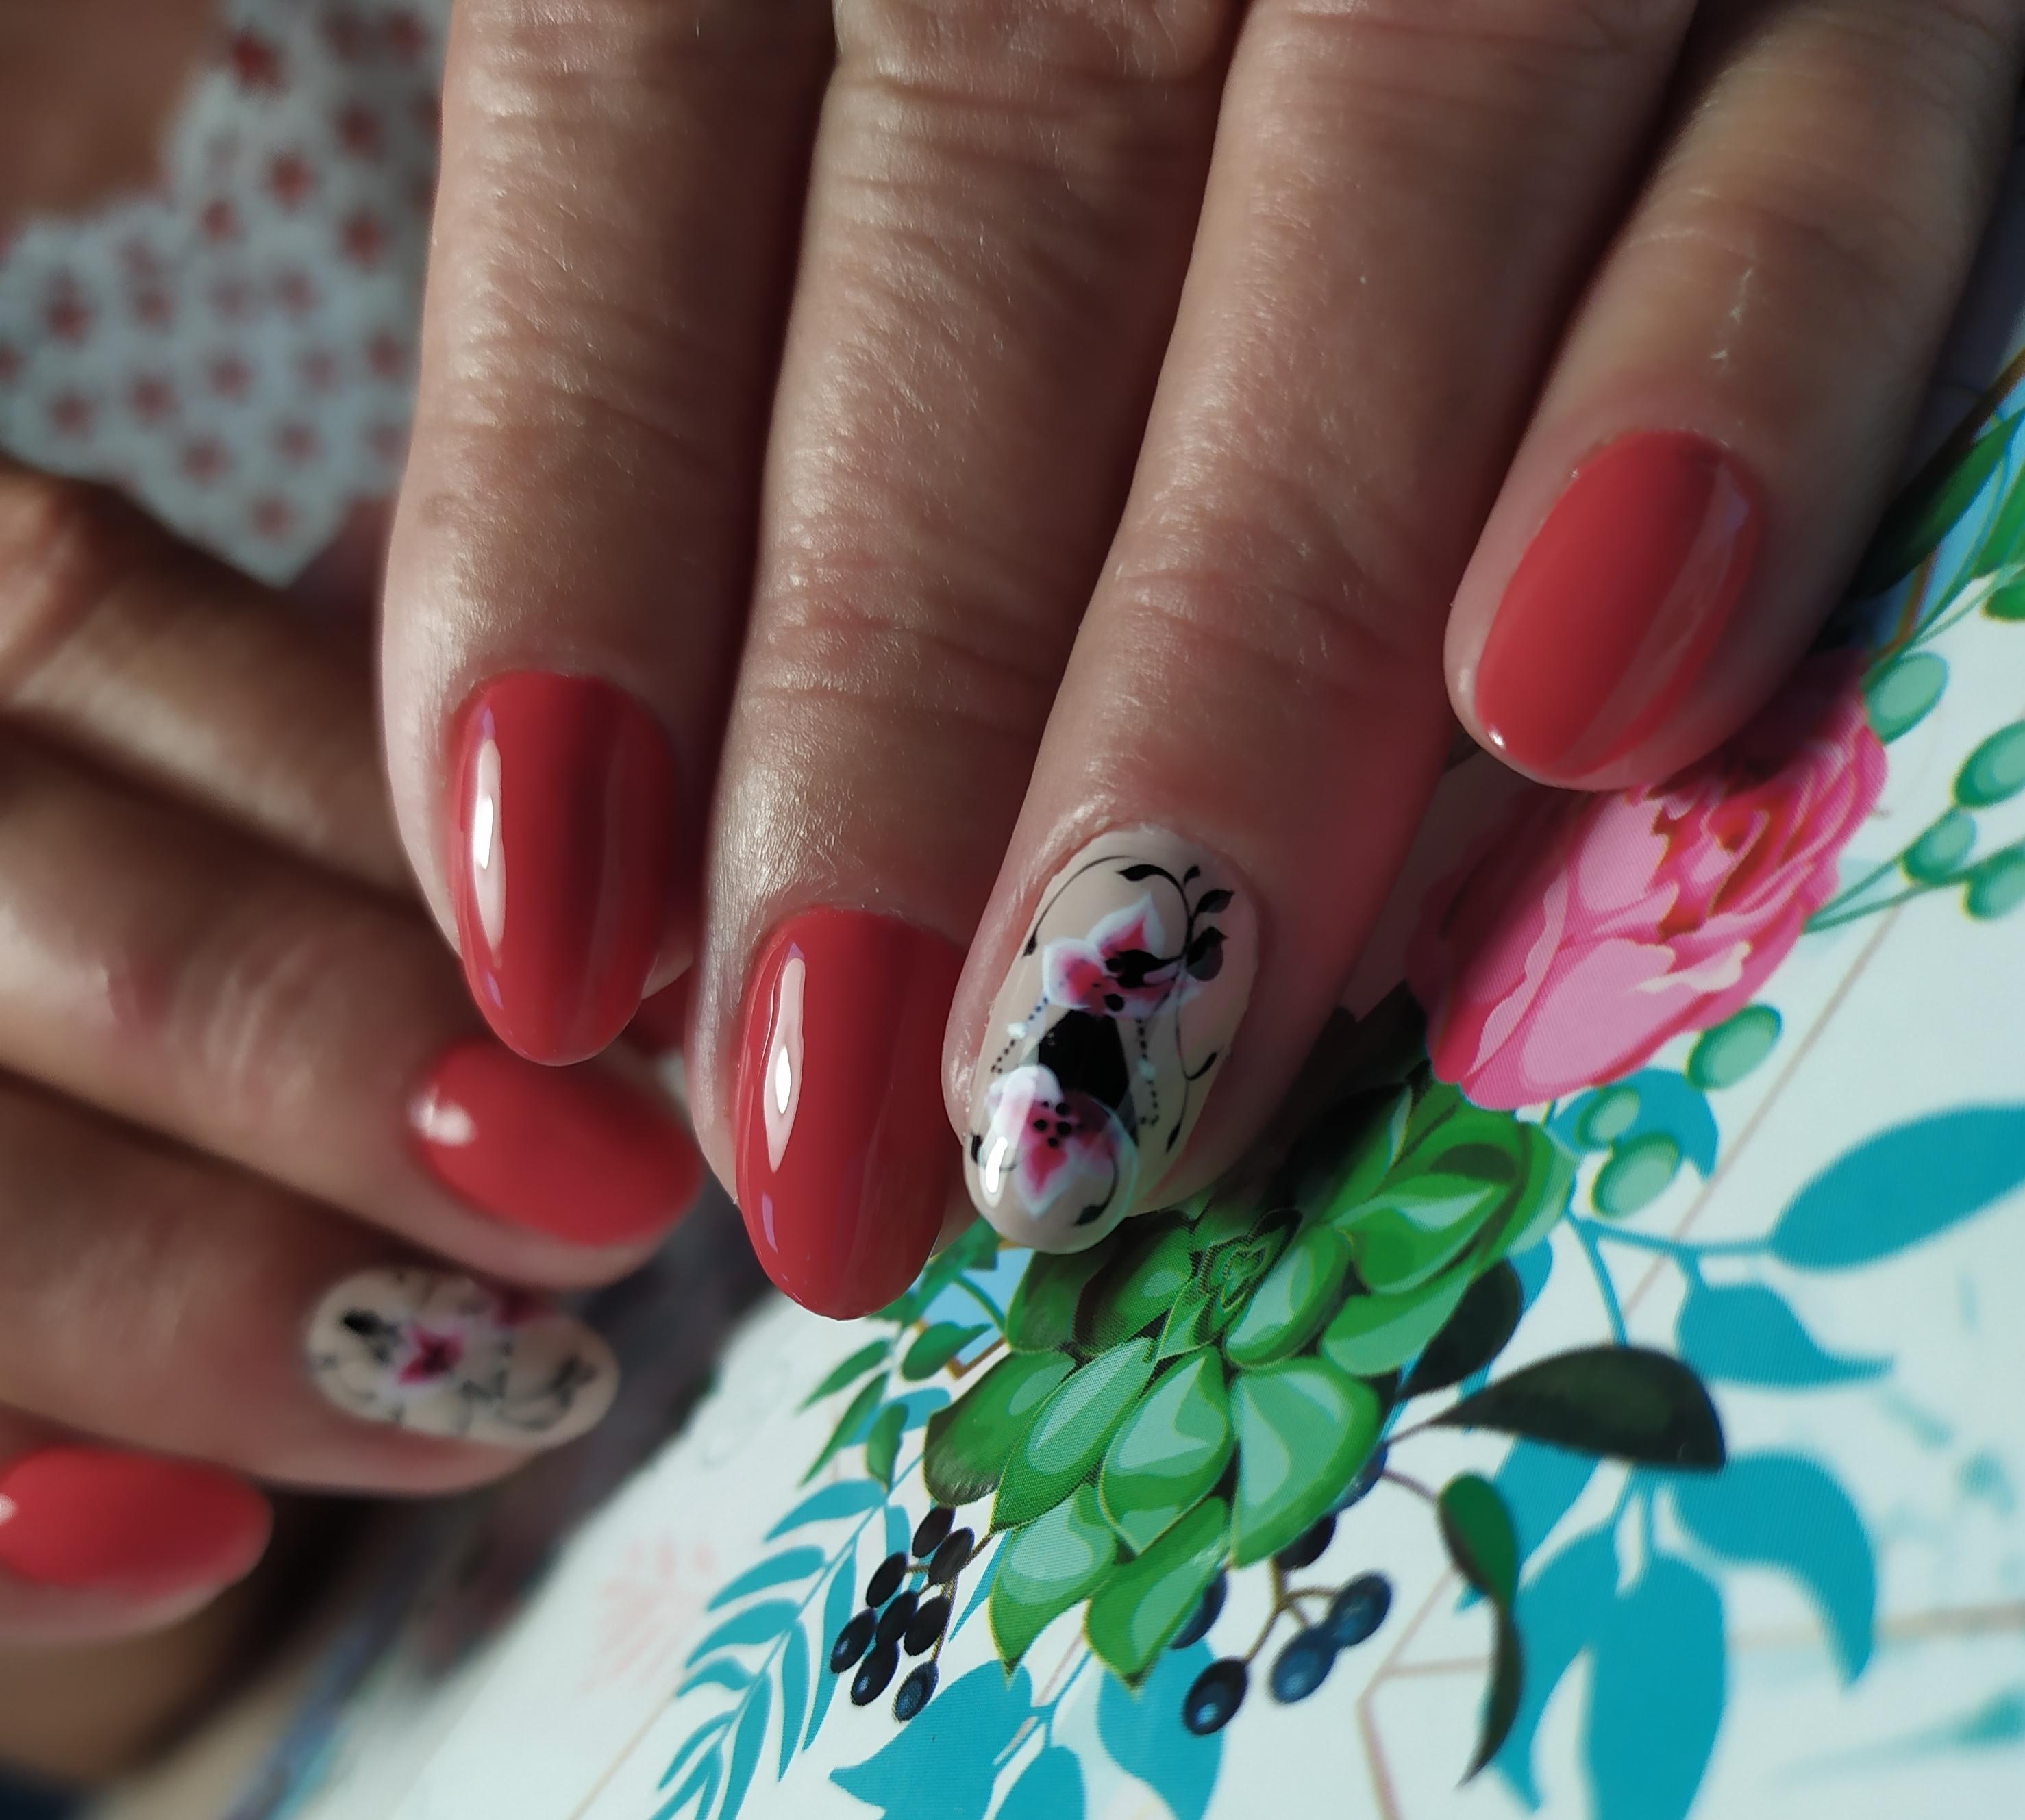 Маникюр с цветочным рисунком в красном цвете на короткие ногти.